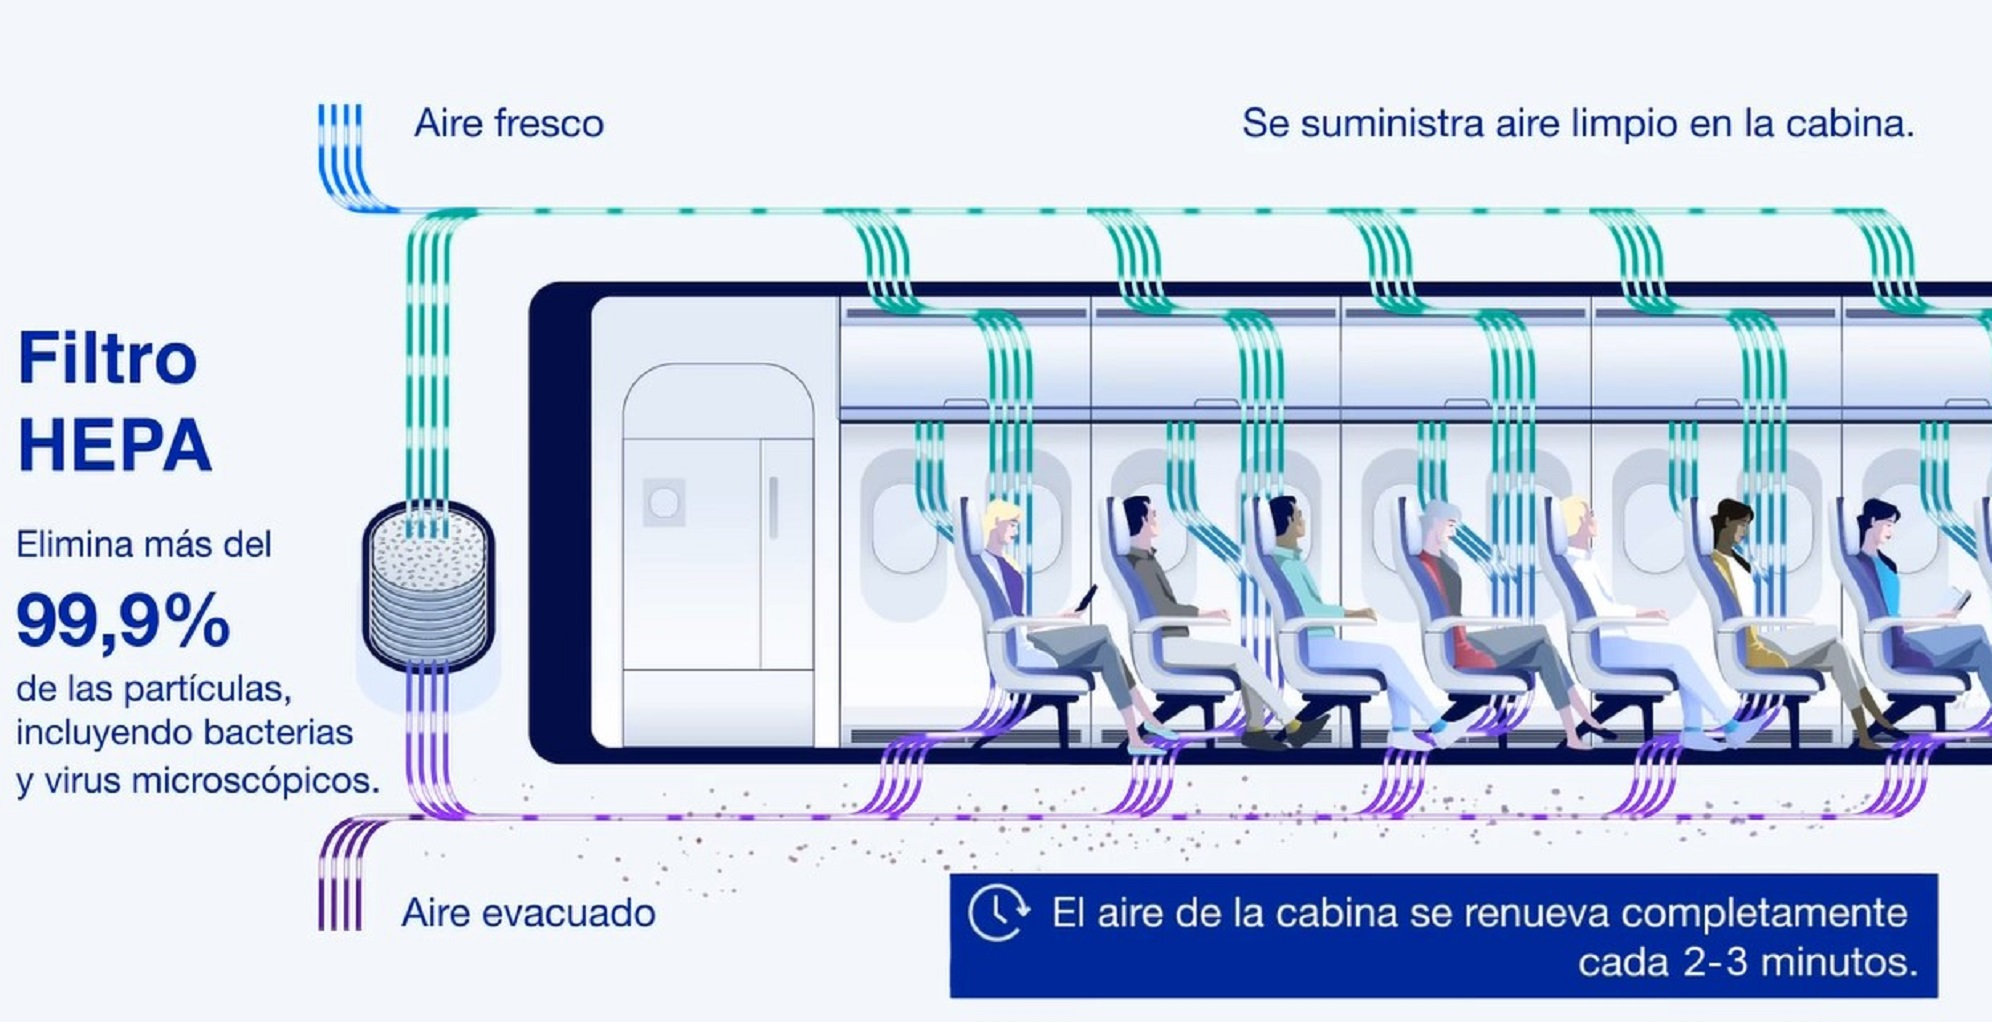 Así previene la tecnología de los aviones el esparcimiento de COVID-19 -  eSemanal - Noticias del Canal